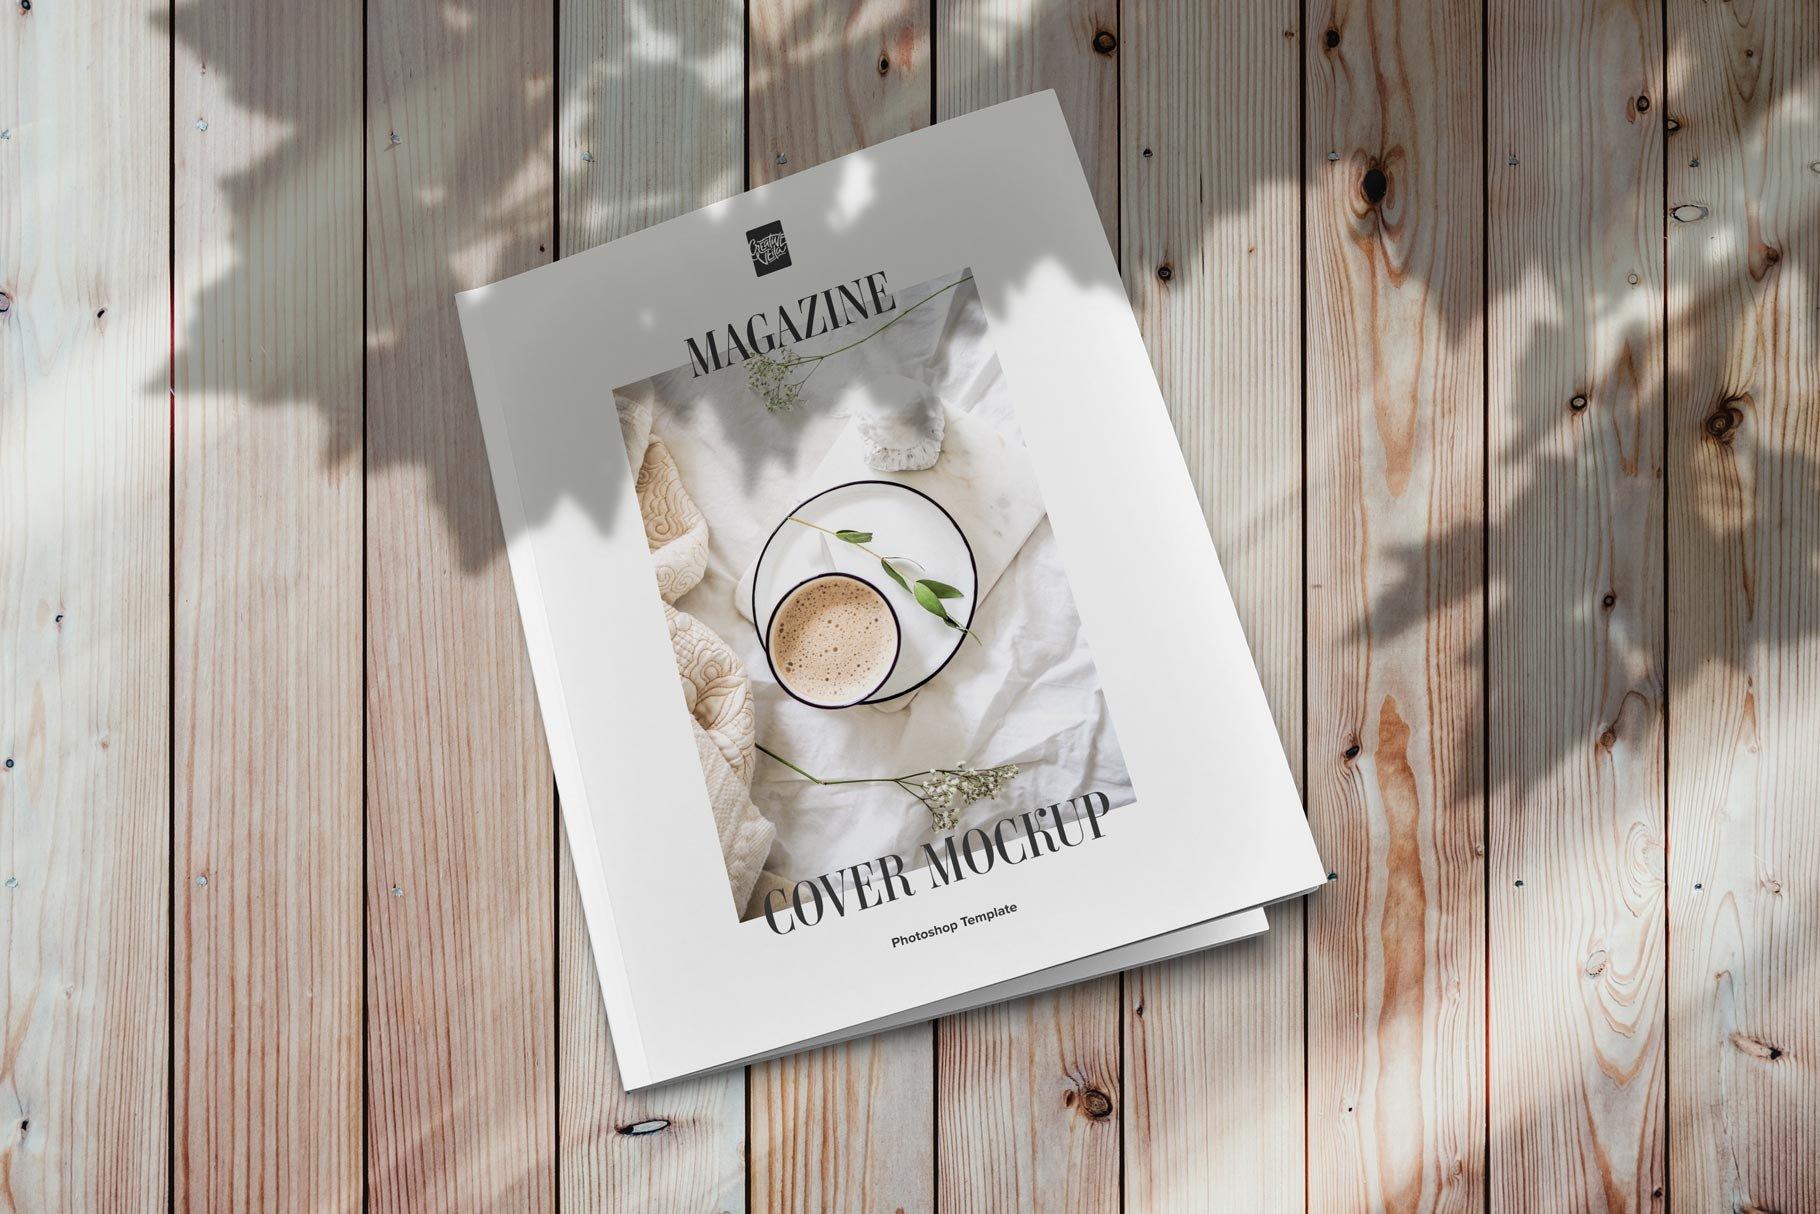 精美杂志画册设计展示样机模板 Magazine Cover Mockup Set插图(2)